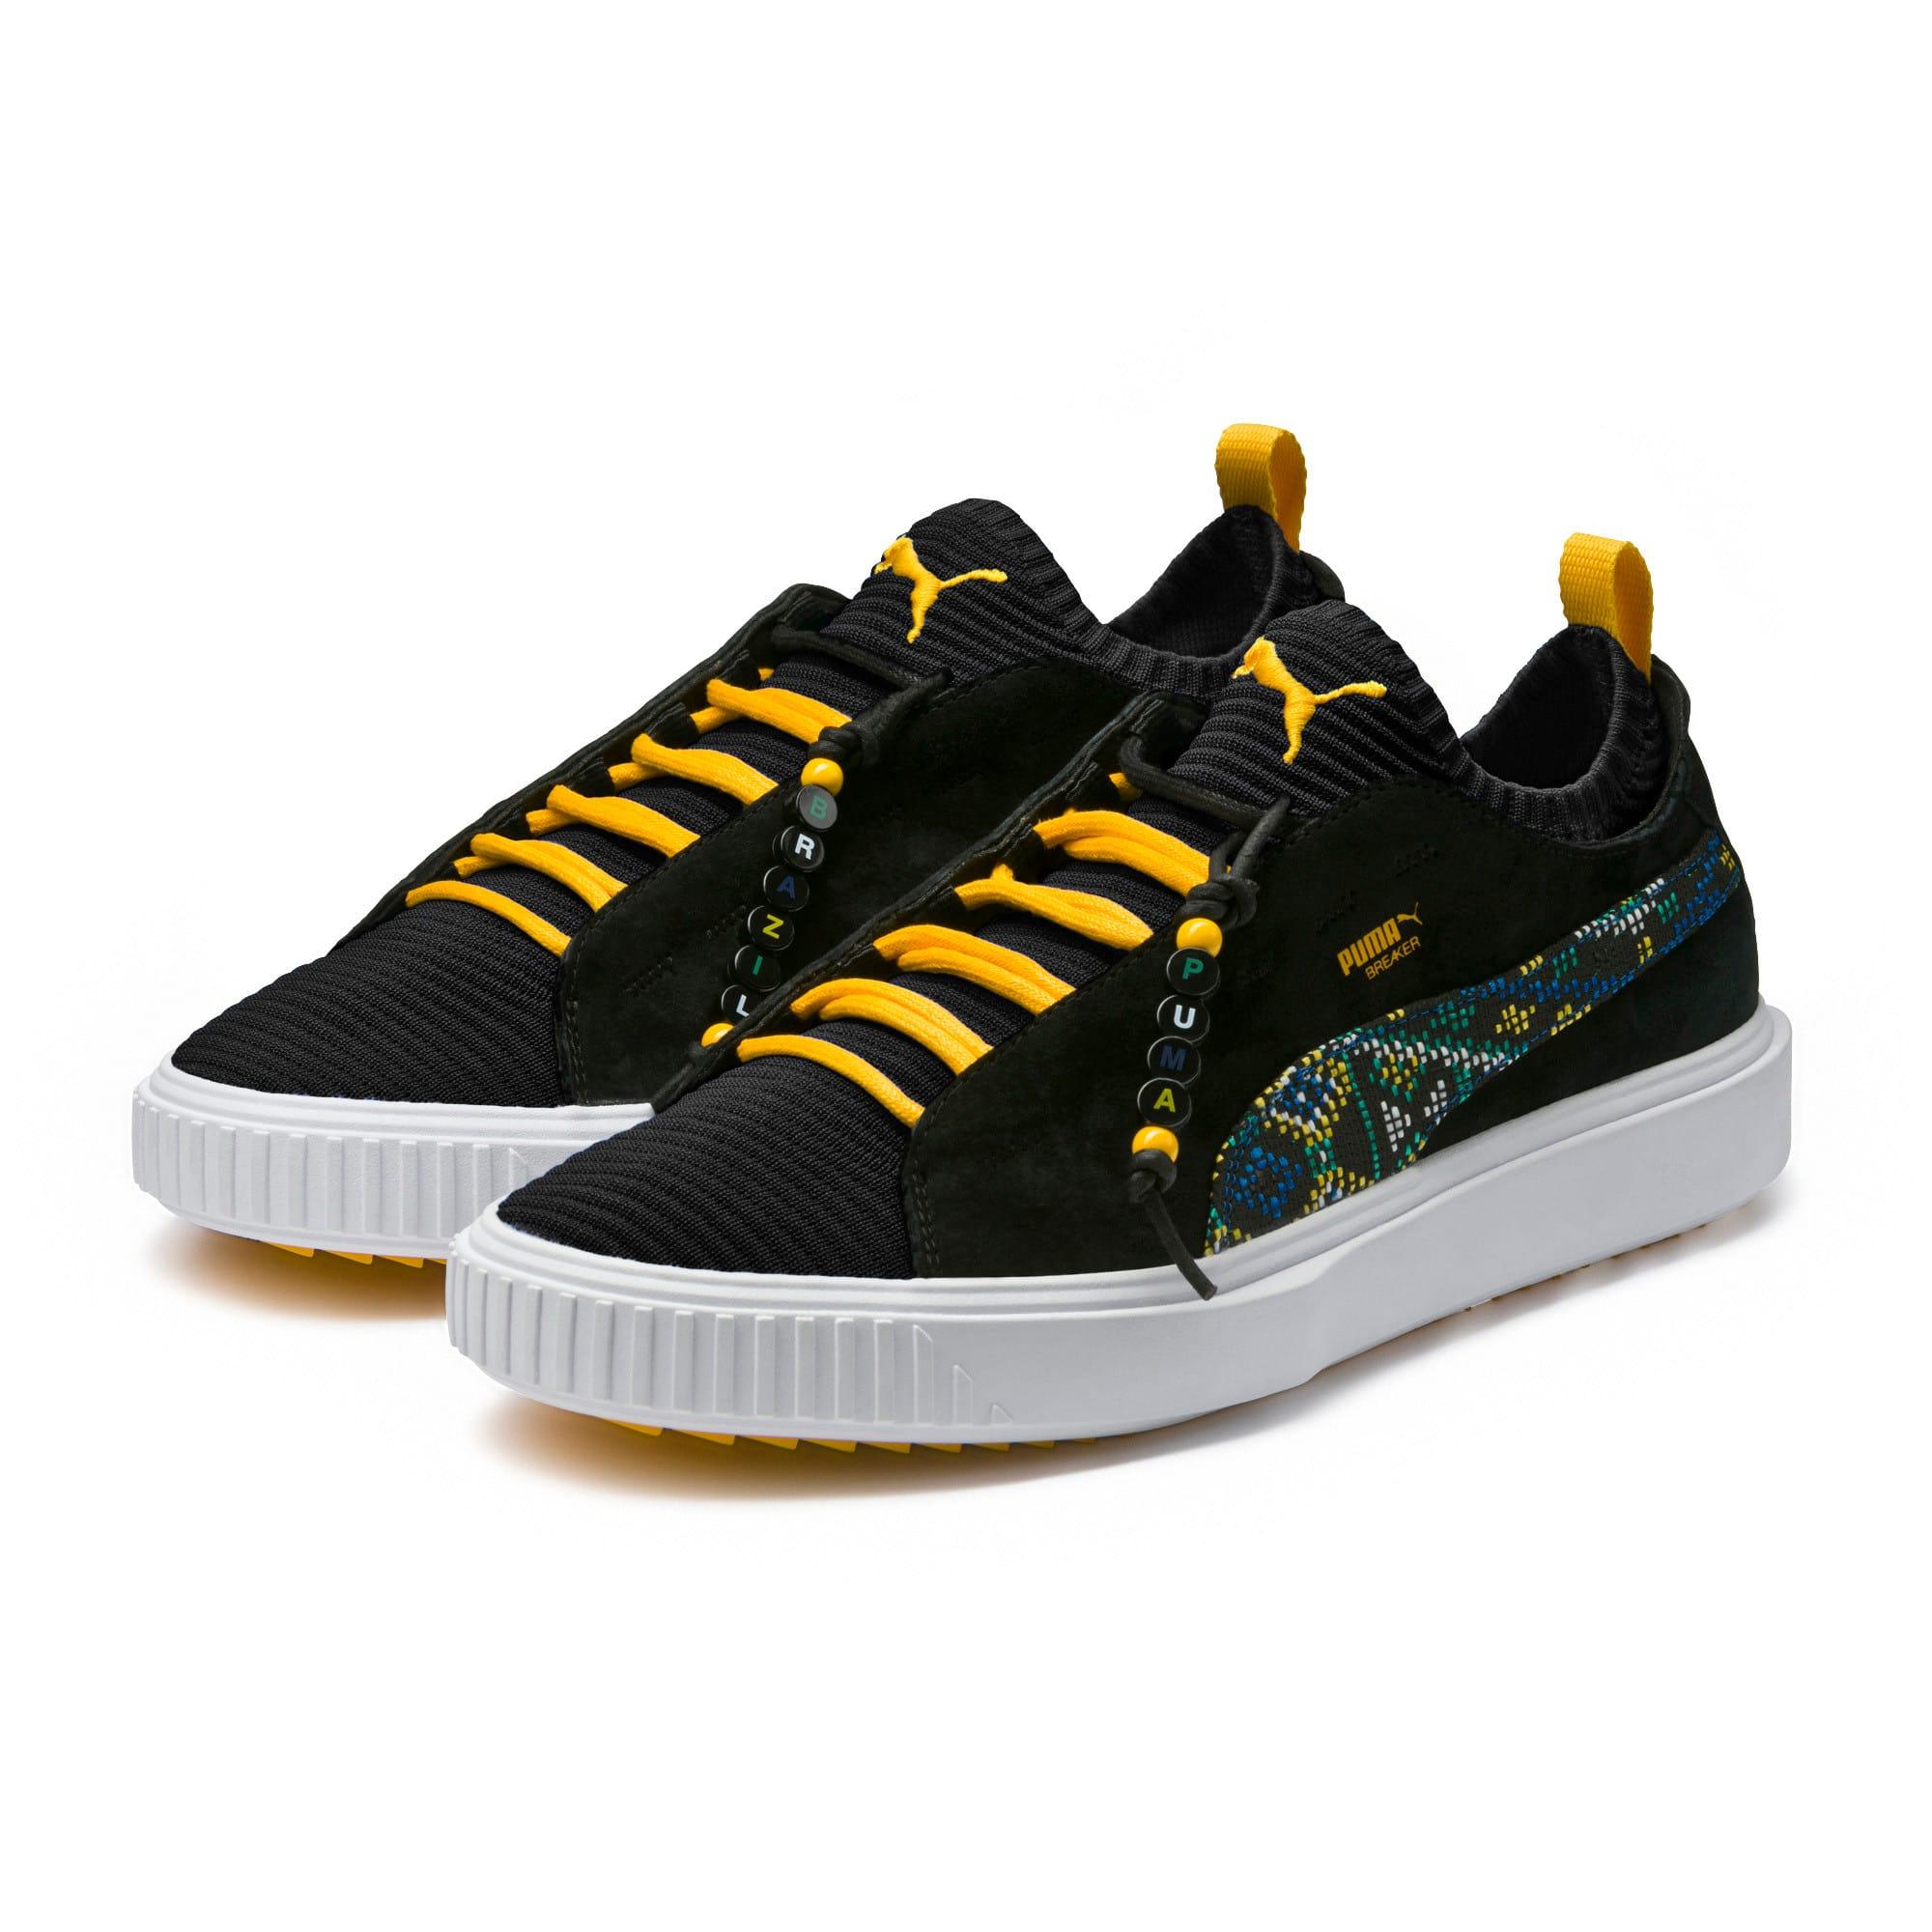 Thumbnail 2 of Breaker Knit Carnival Sneakers, Puma Black, medium